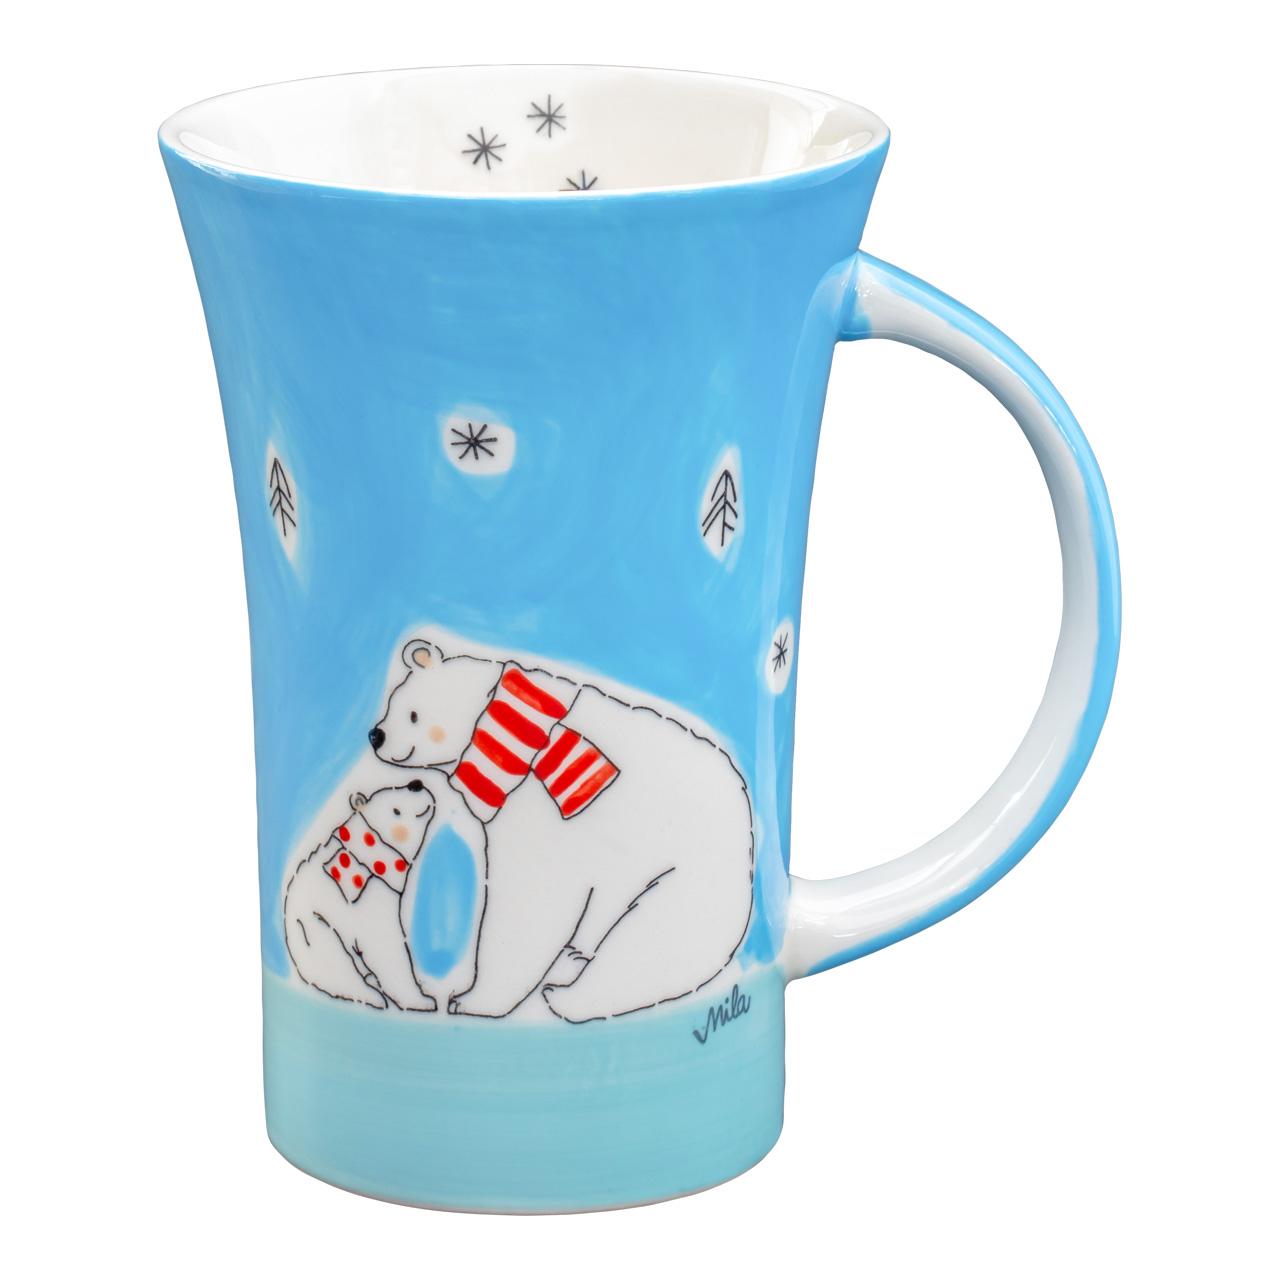 Coffee Pot - Hug me